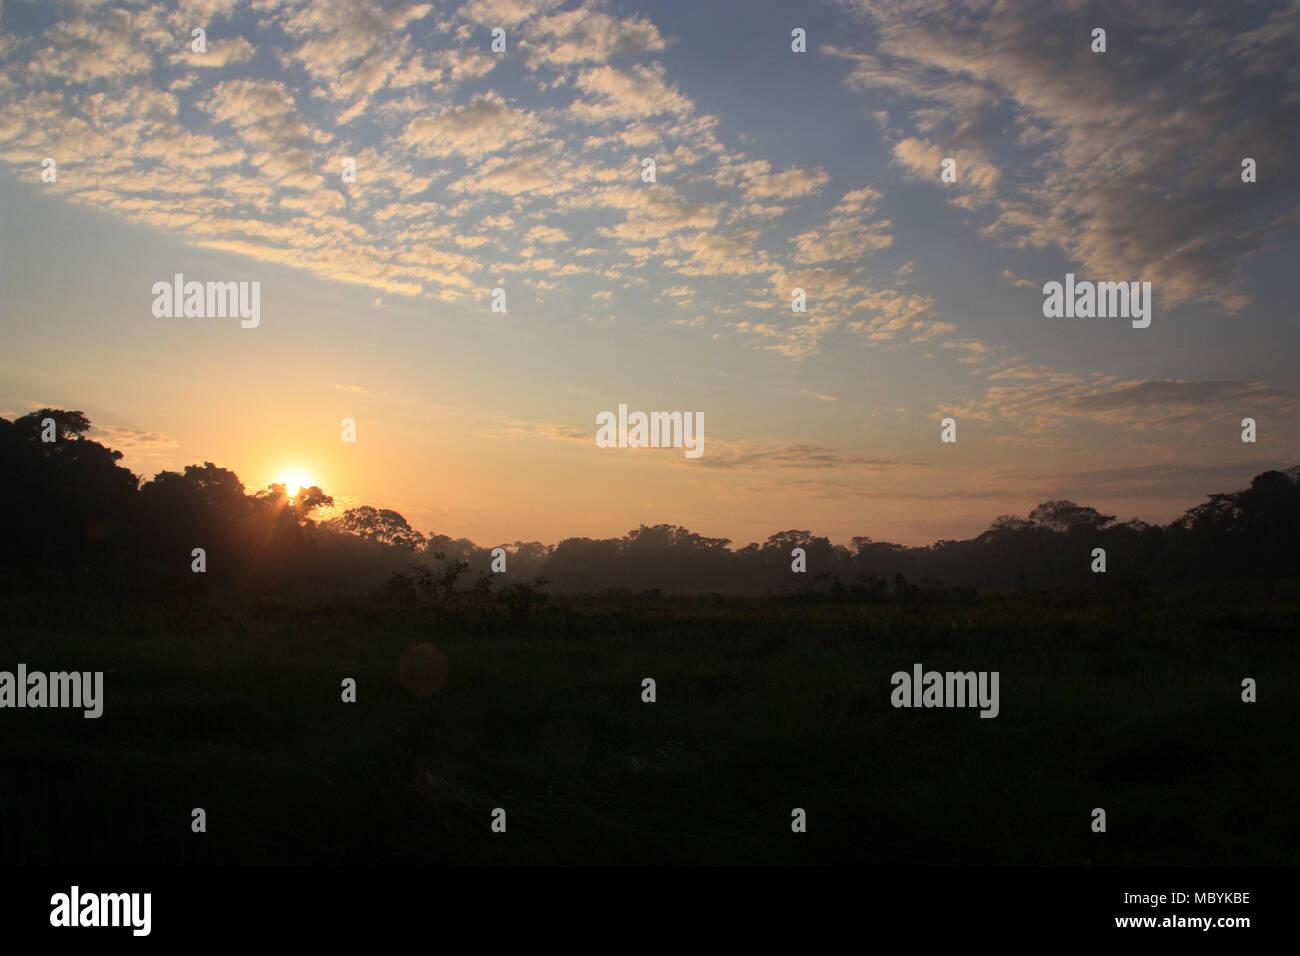 Lever de soleil dans la forêt amazonienne, Réserve nationale de Tambopata, à Puerto Maldonado, Pérou Photo Stock